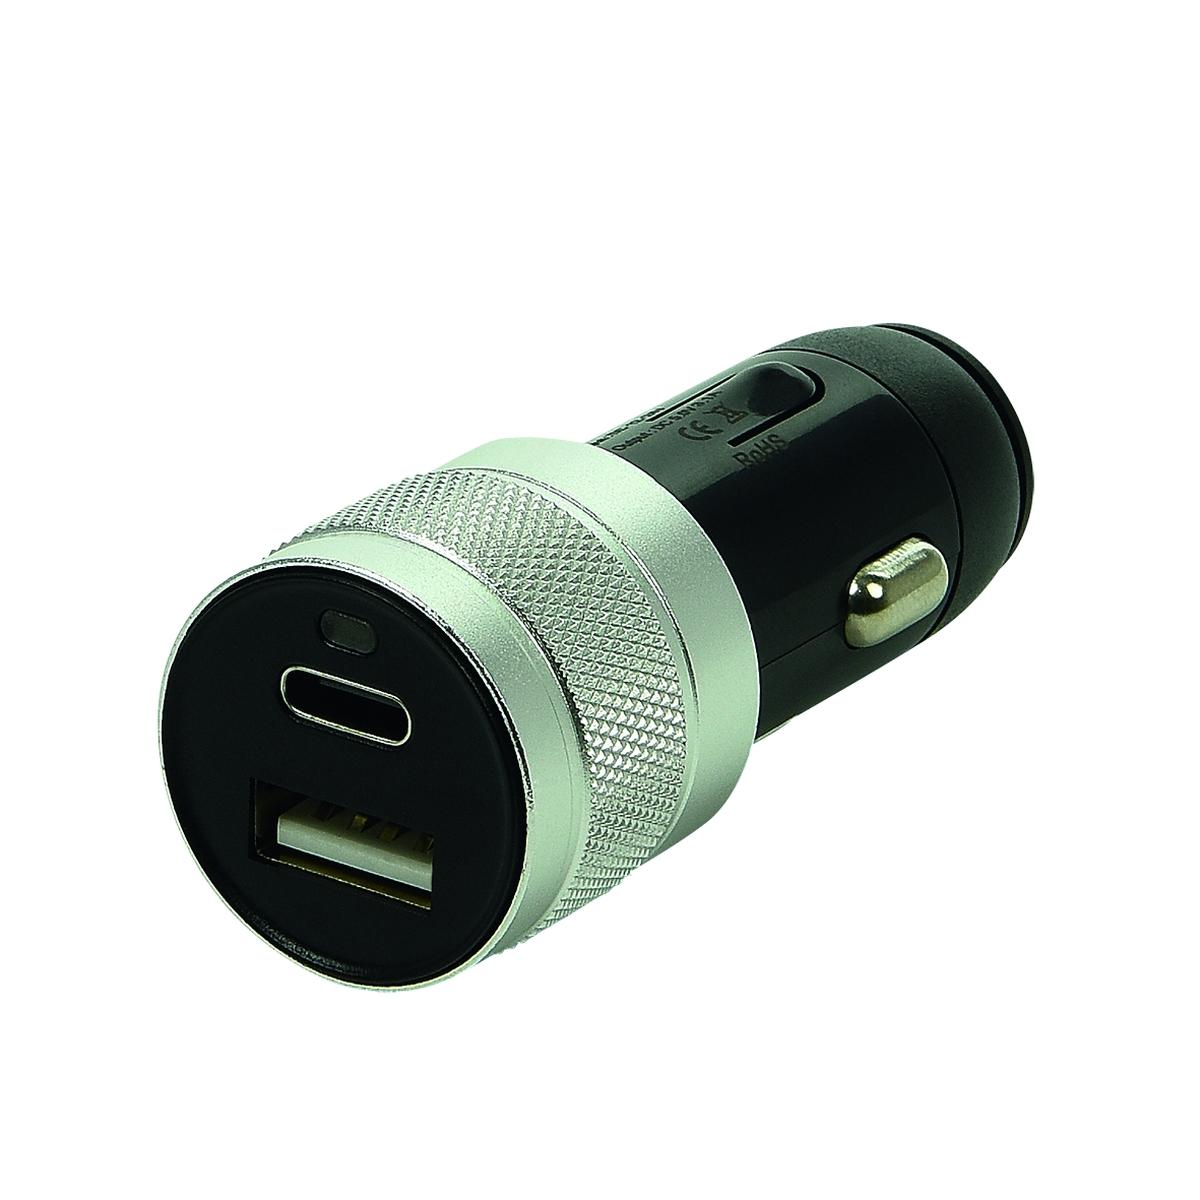 USB-Ladegerät Typ A+C zweifach